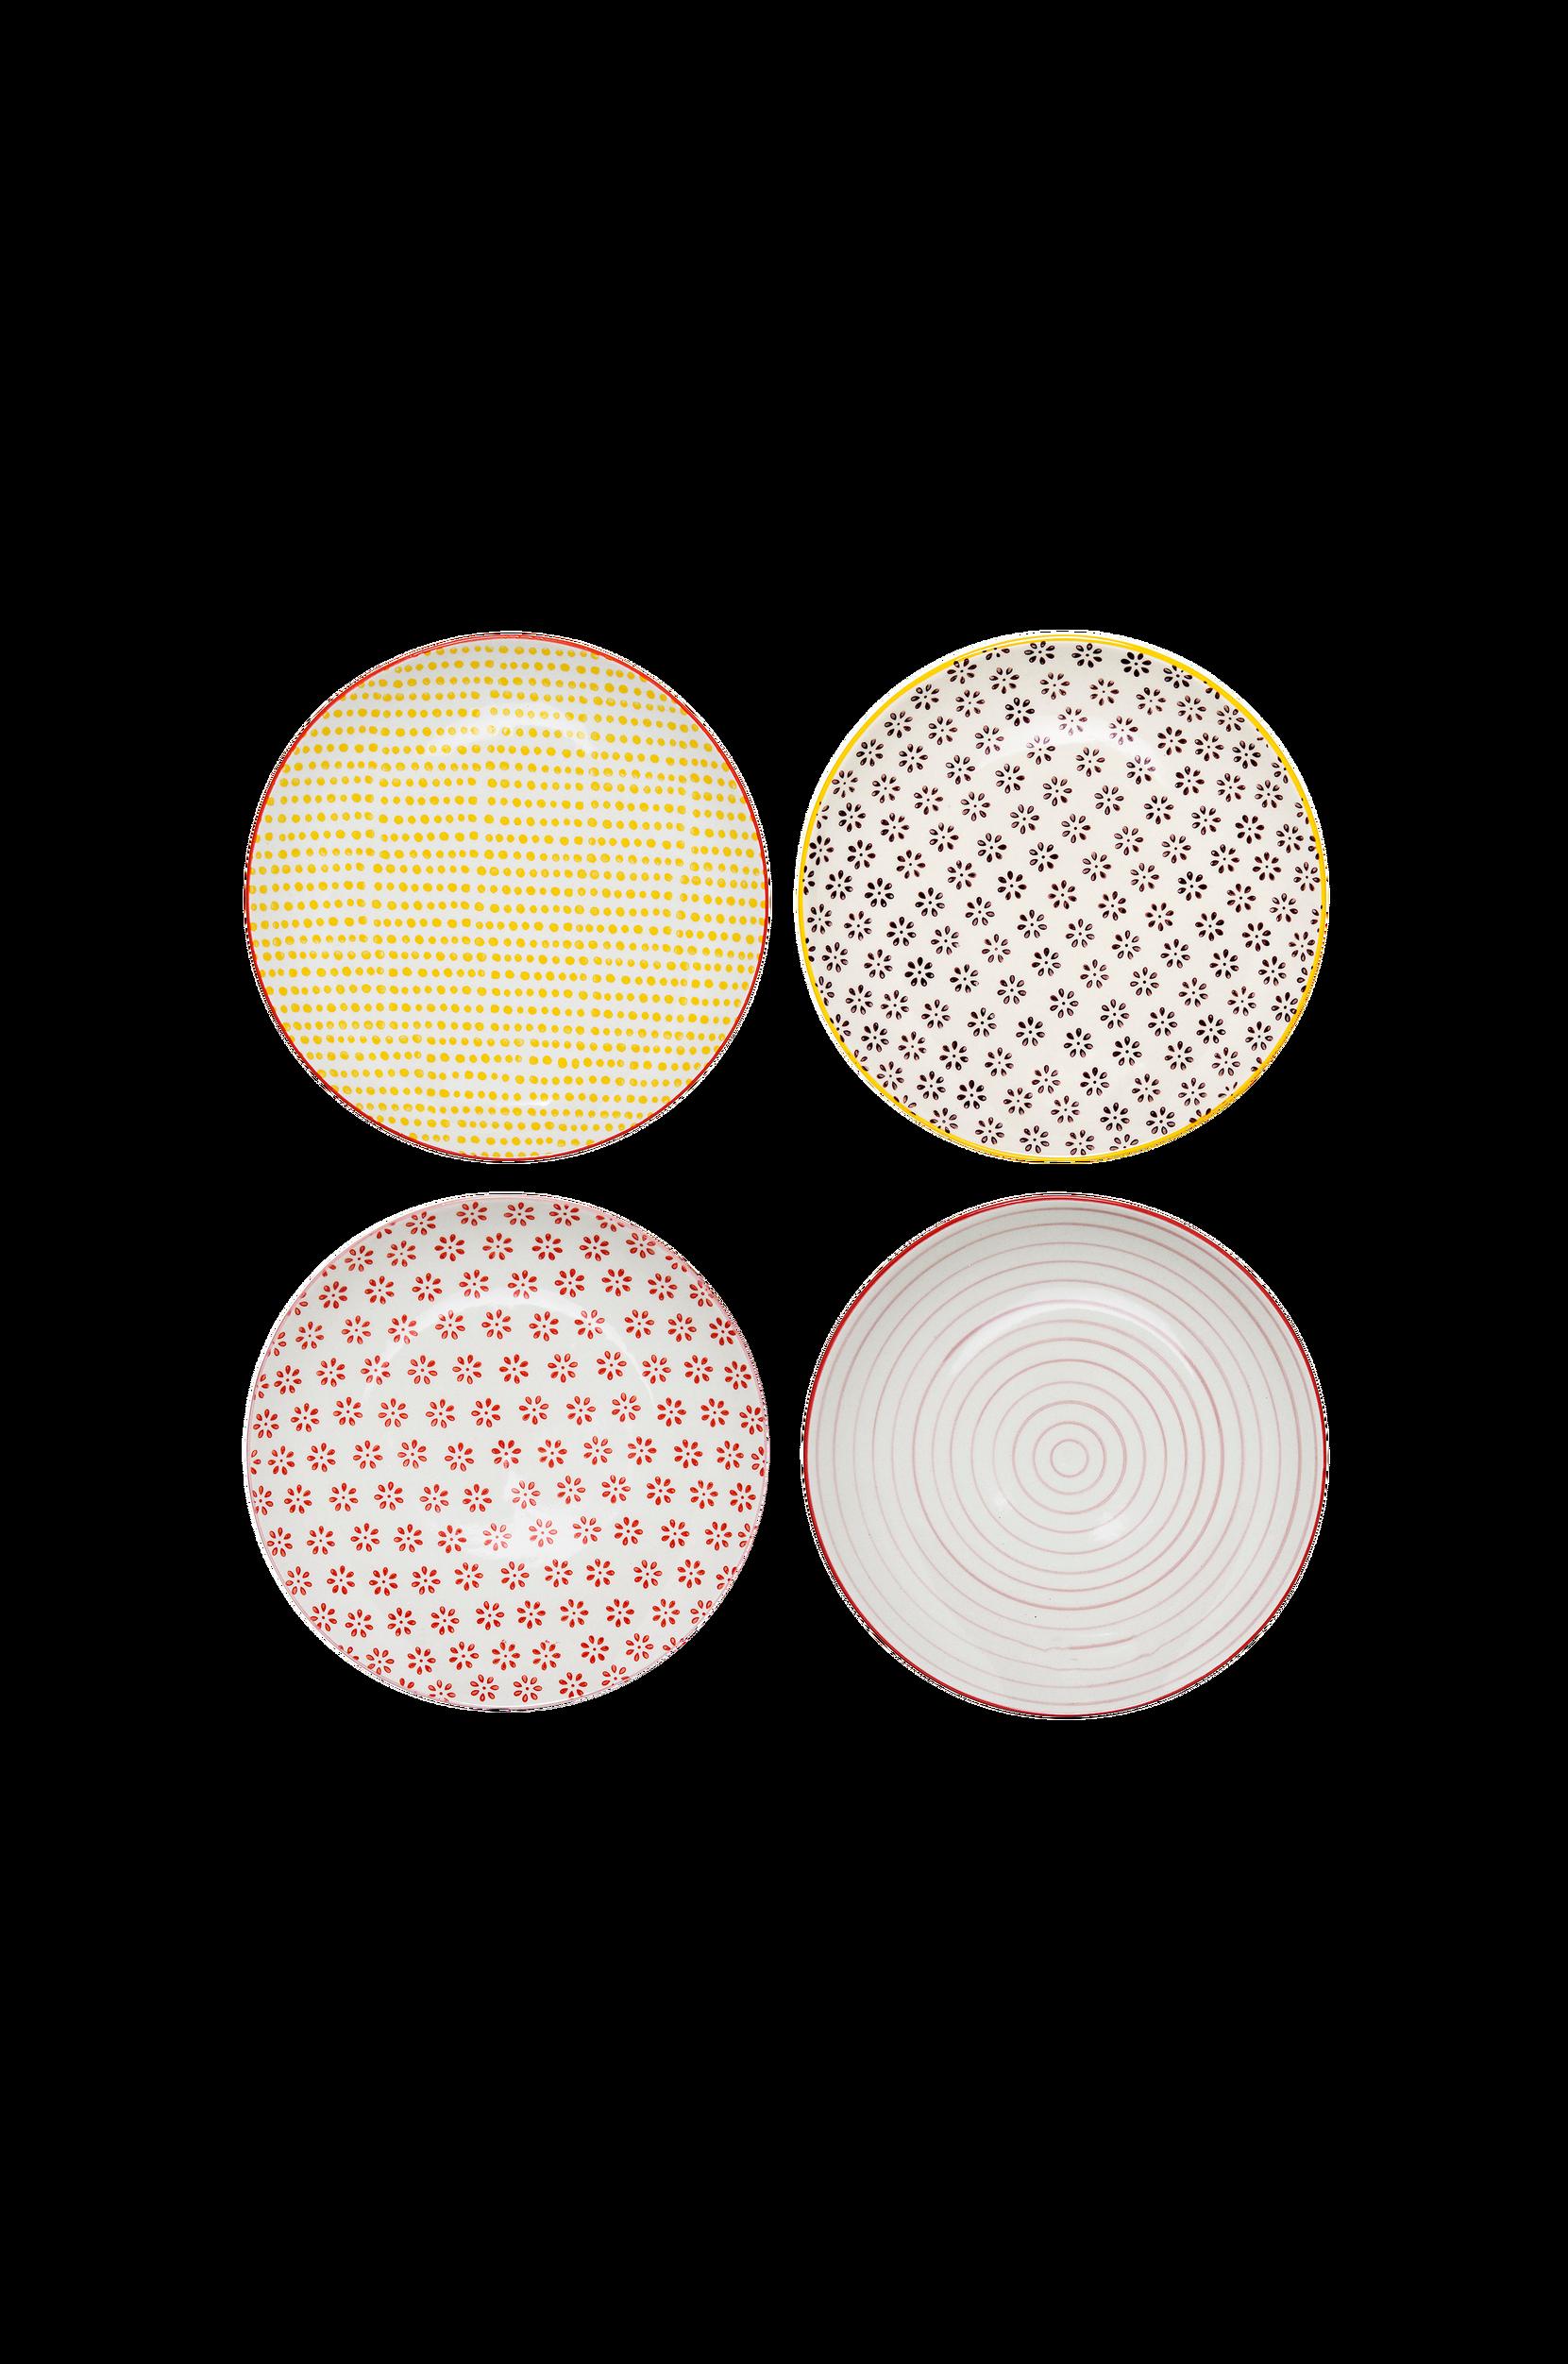 Susie-lautaset, 4/pakk., halkaisija 20 cm